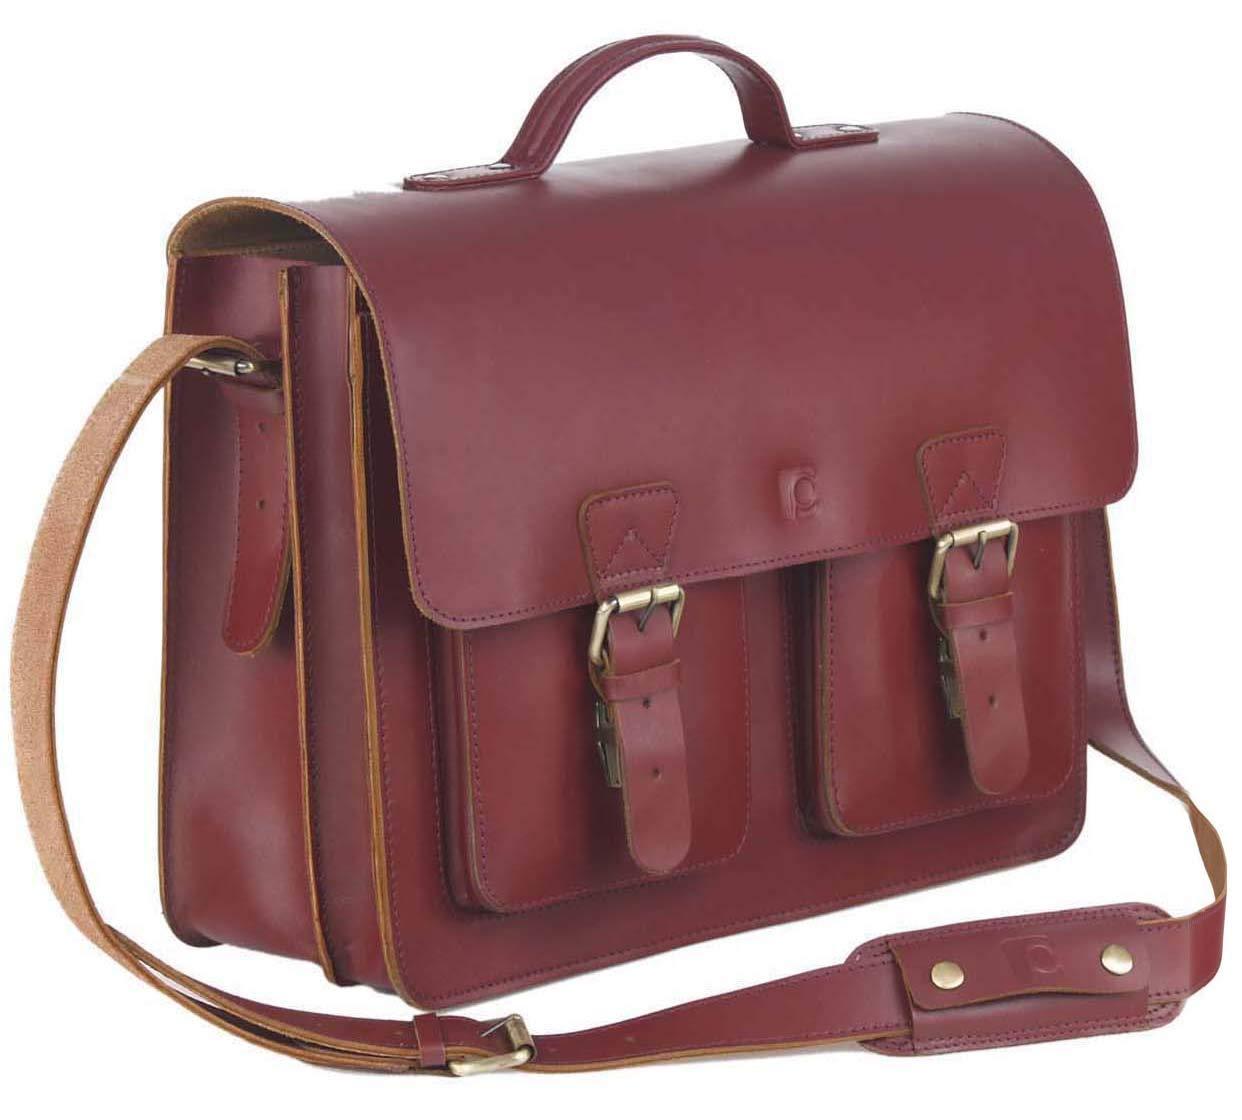 Schoolmaster classic in Bordeaux, stilvolle Lehrertasche & Aktentasche aus echtem Leder, viele Innenfächer, robuste Umhängetasche, 40 x 32 x 18 cm, dunkel-rot viele Innenfächer robuste Umhängetasche